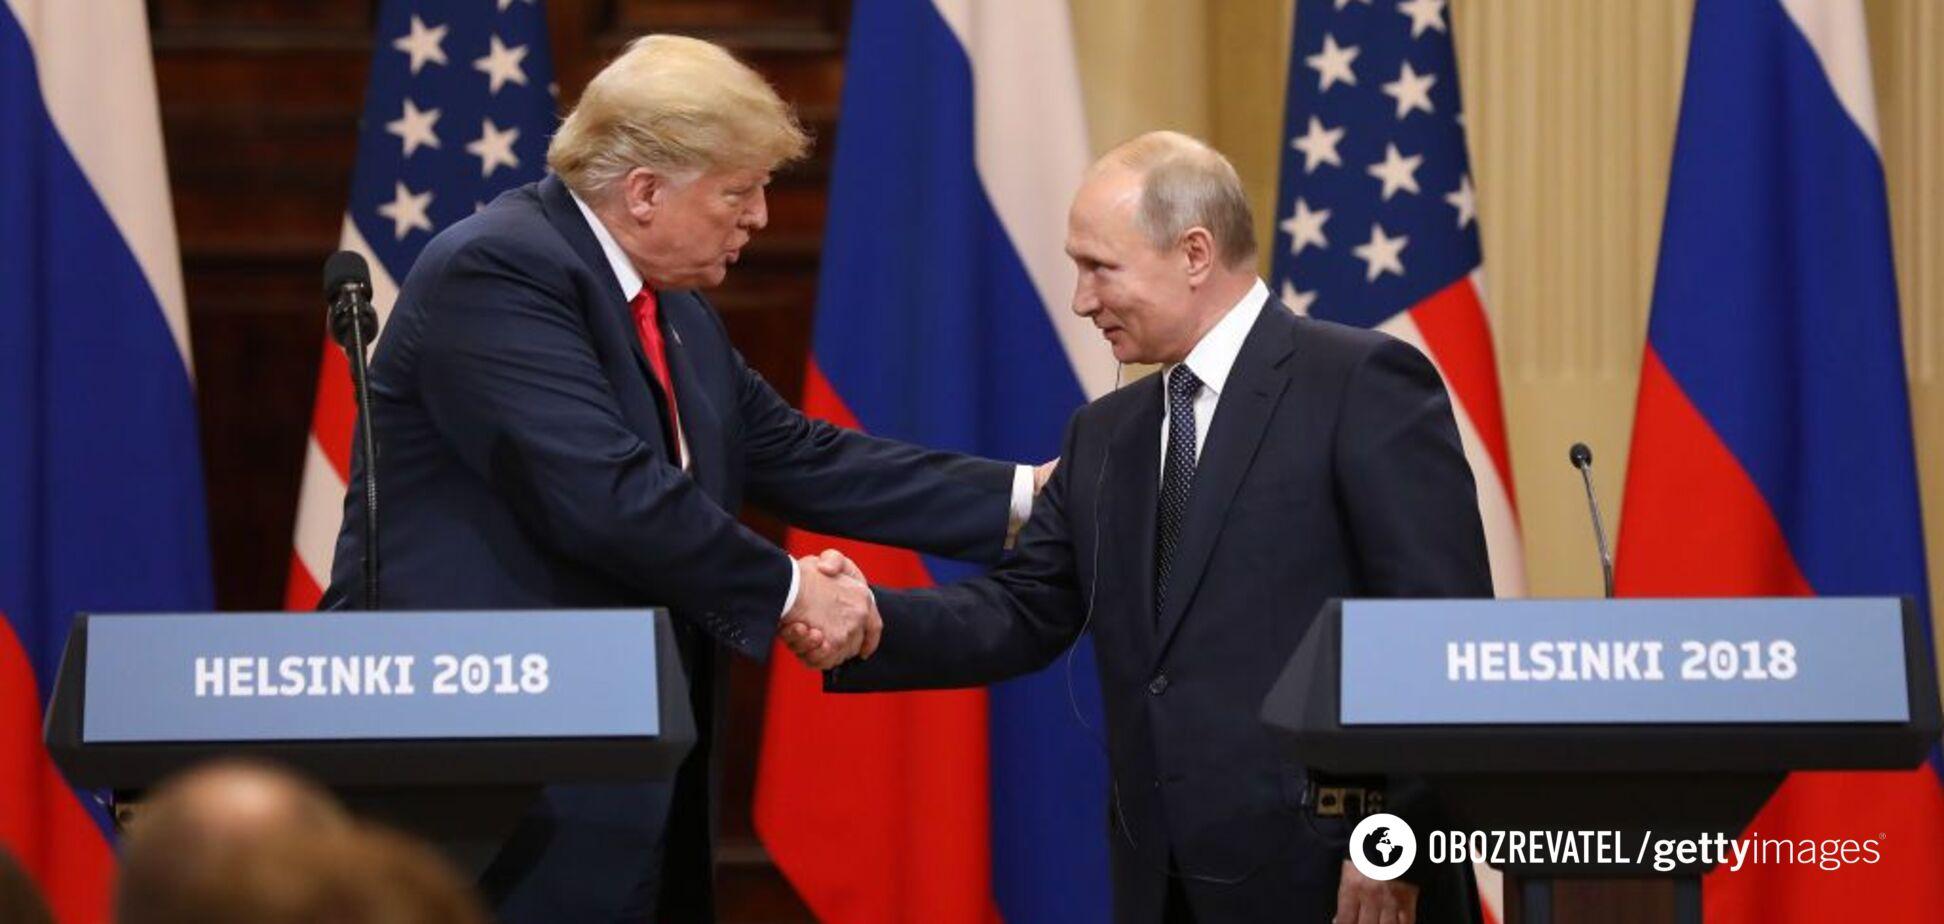 Сенсация: США приравняли к путинскому режиму